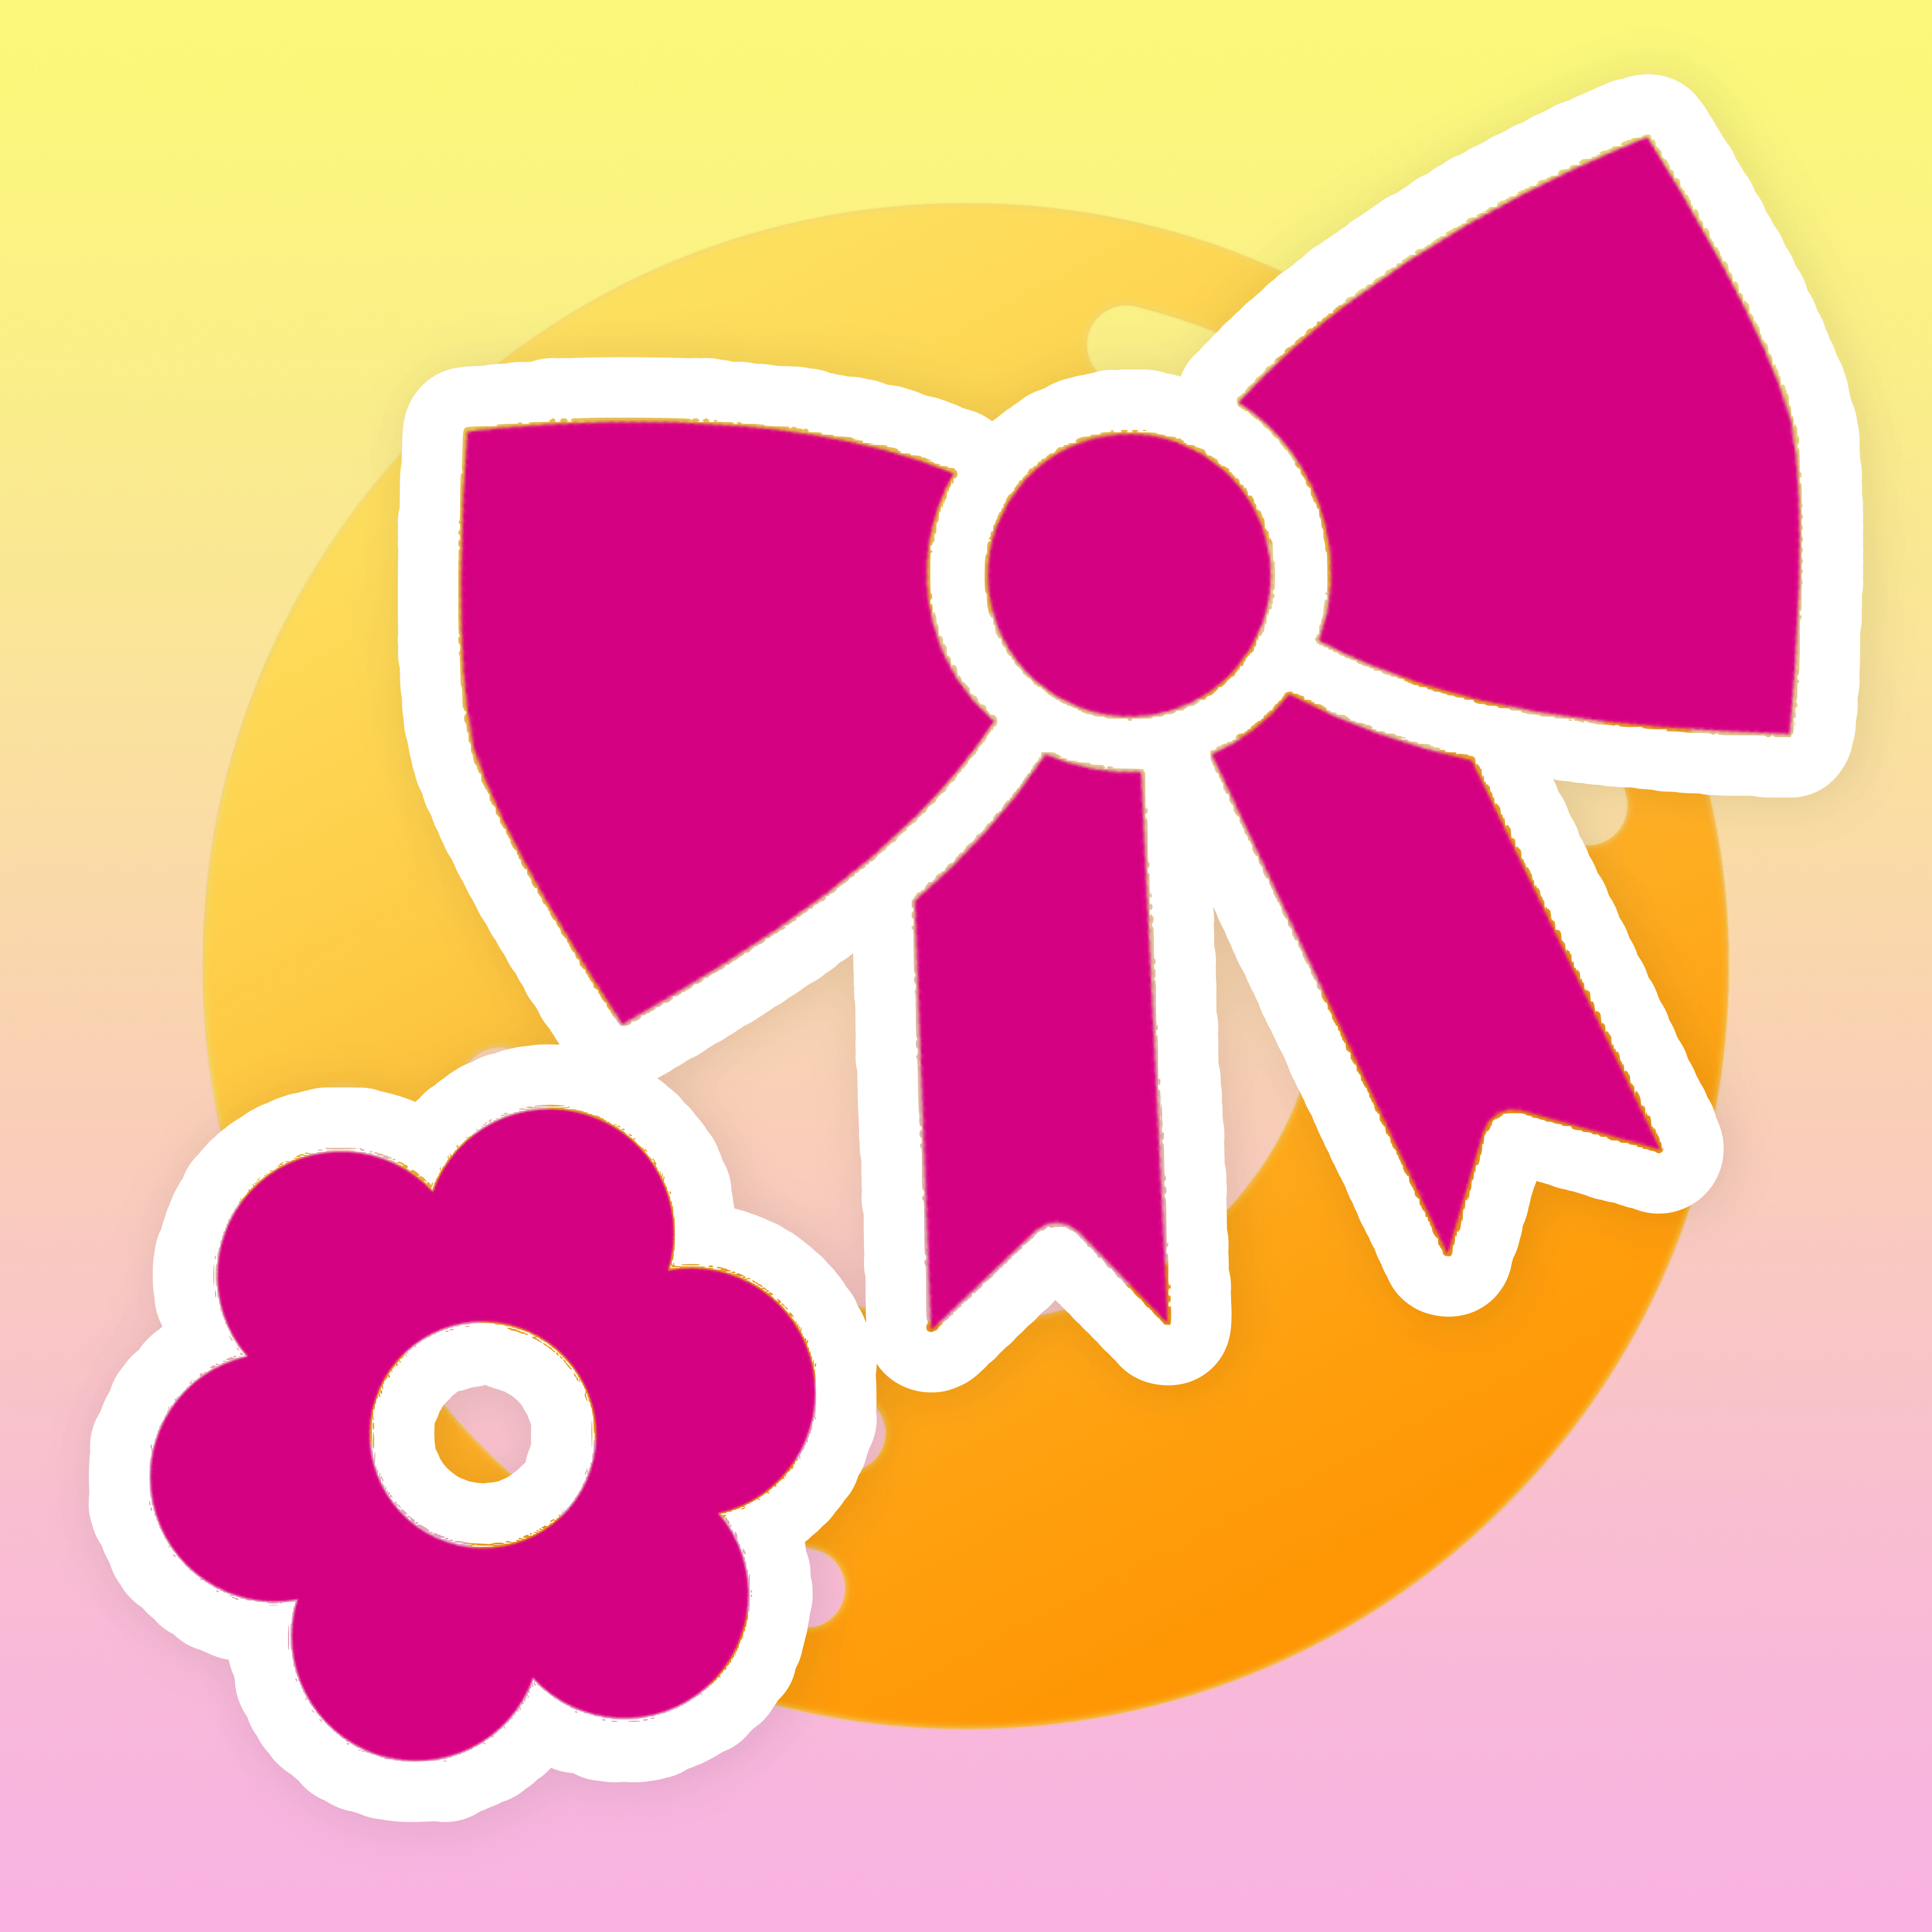 05-zuramaru-06 avatar